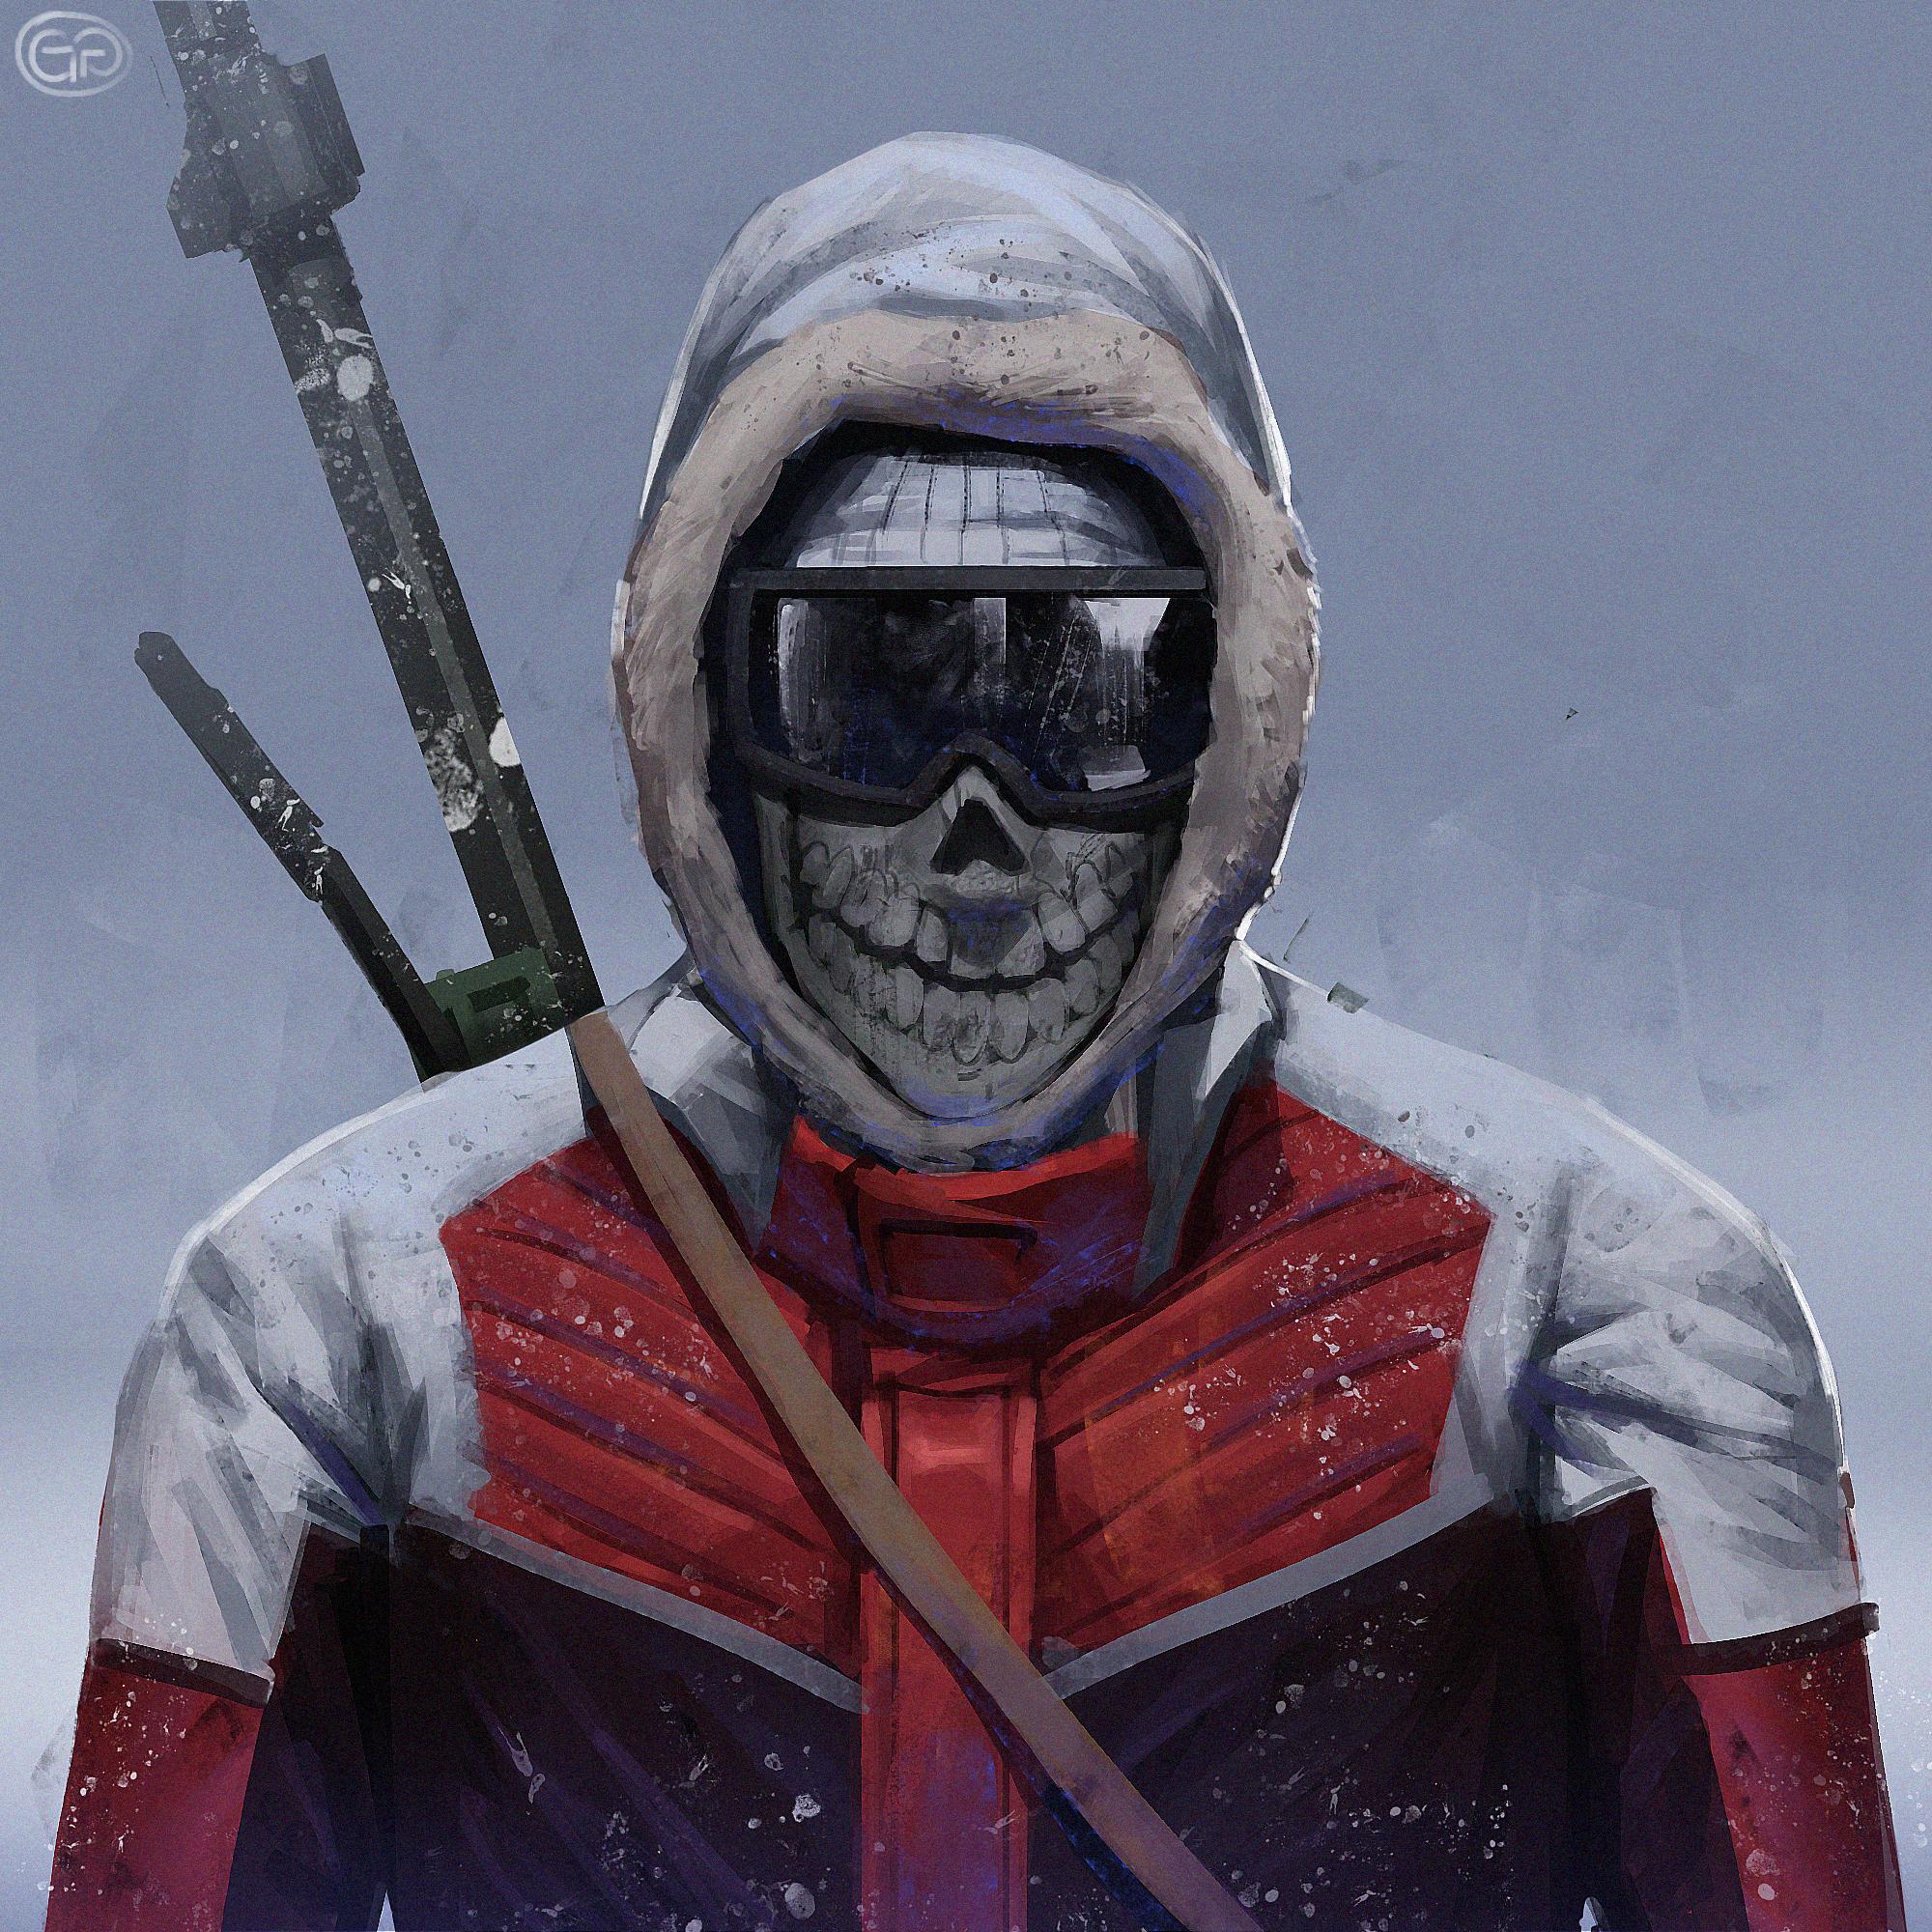 TF2 cold killer